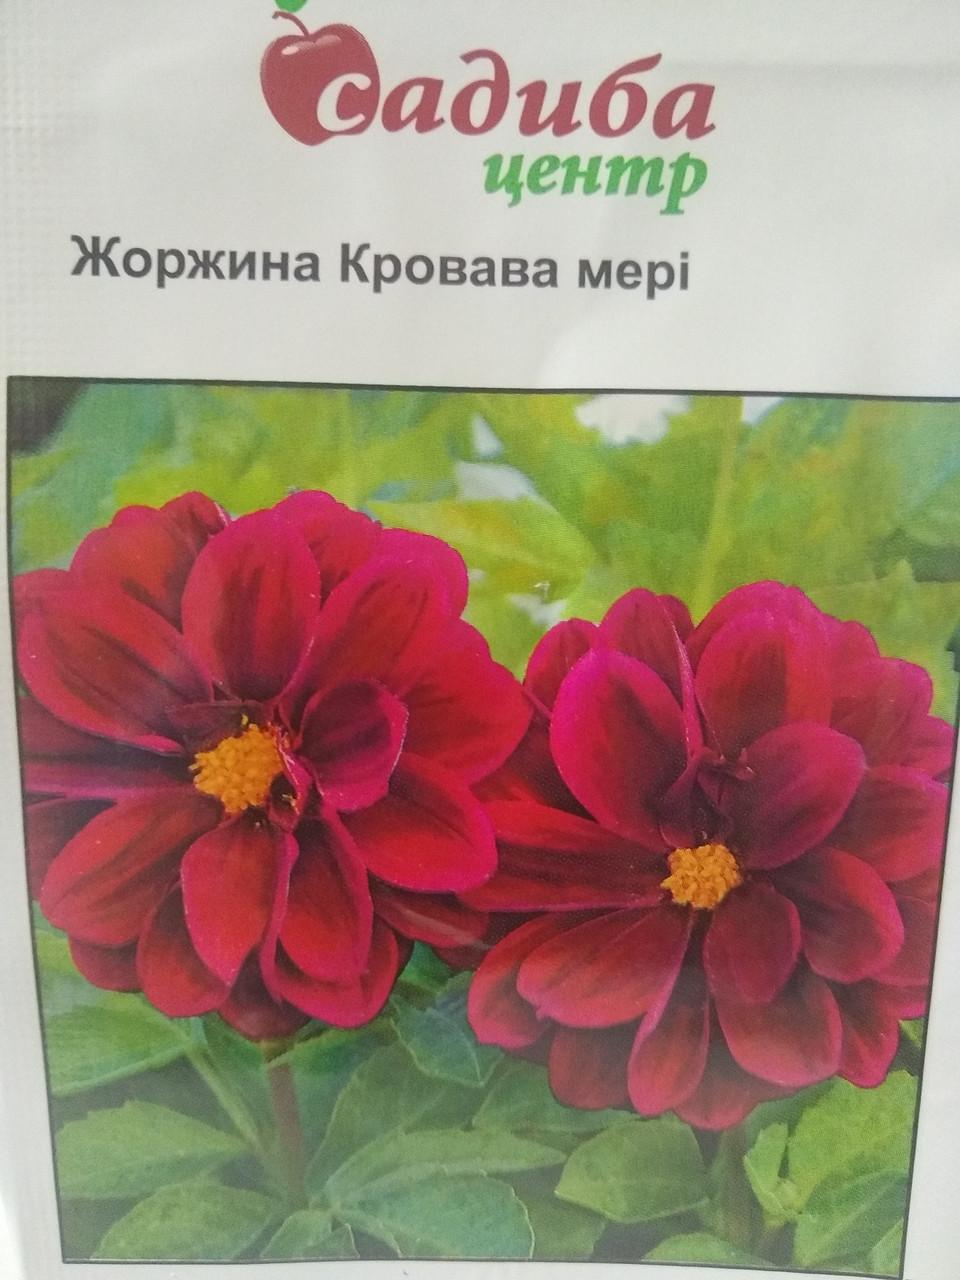 Насіння Жоржини однорічної компактної Кривава мері махрова червона 0,1 грам насіння Садиба центр Україна